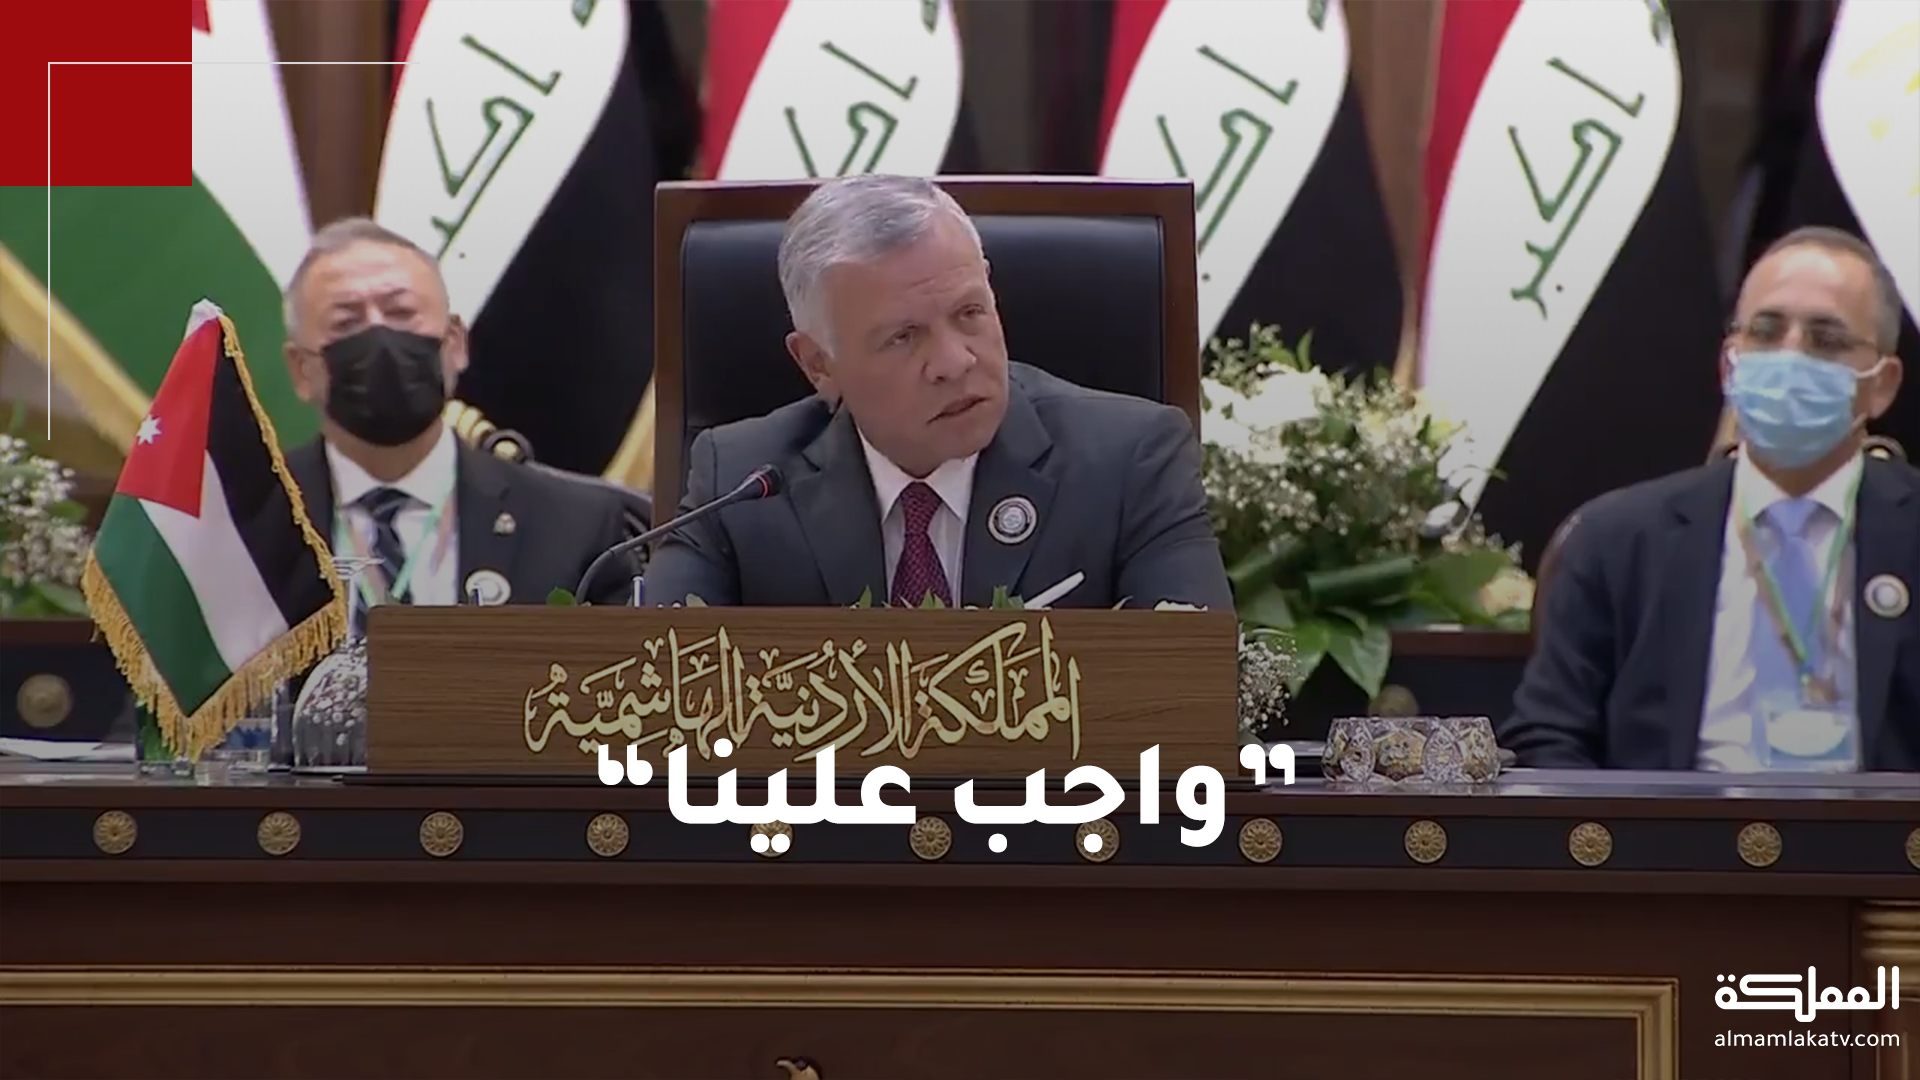 حديث الملك عبدالله الثاني خلال القمة الثلاثية مع الرئيس المصري ورئيس مجلس الوزراء العراقي في بغداد